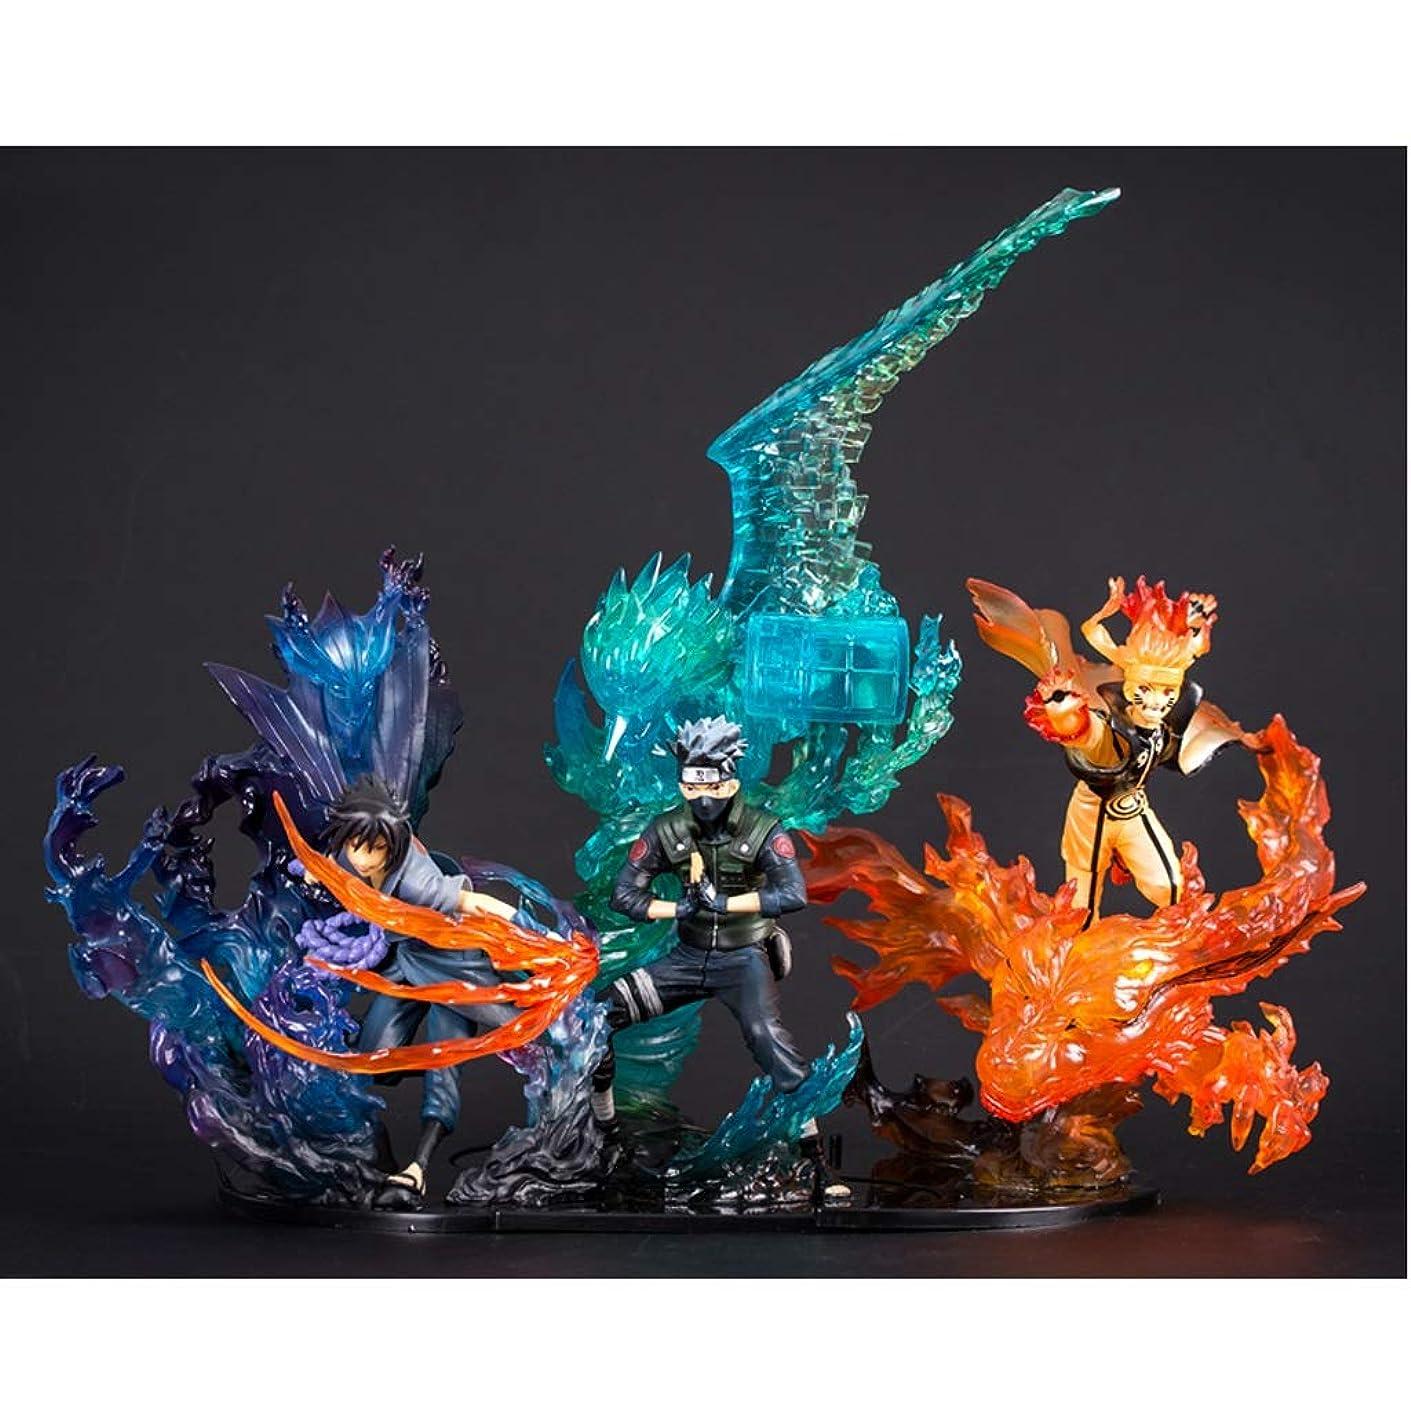 ラインナップ預言者性差別玩具像玩具模型絶妙な飾り装飾?お土産20CM JSFQ